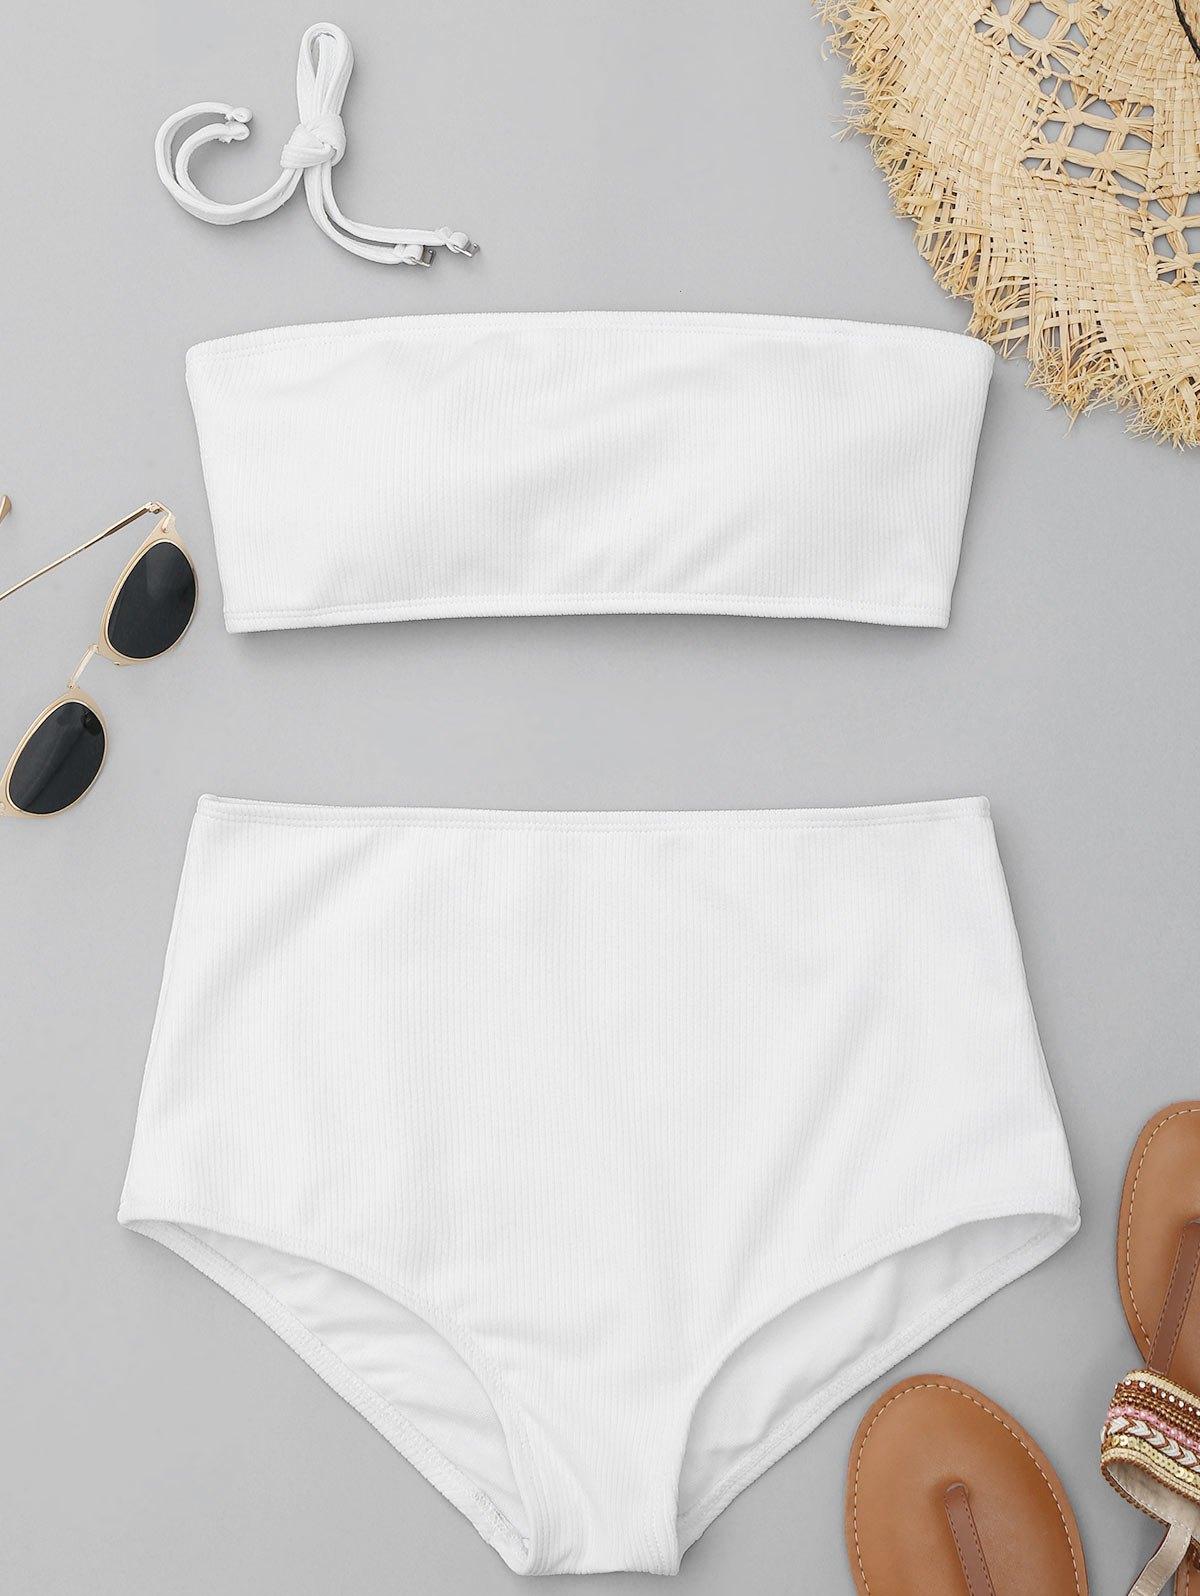 Ribbed Texture Bandeau High Waisted Bikini 223476509